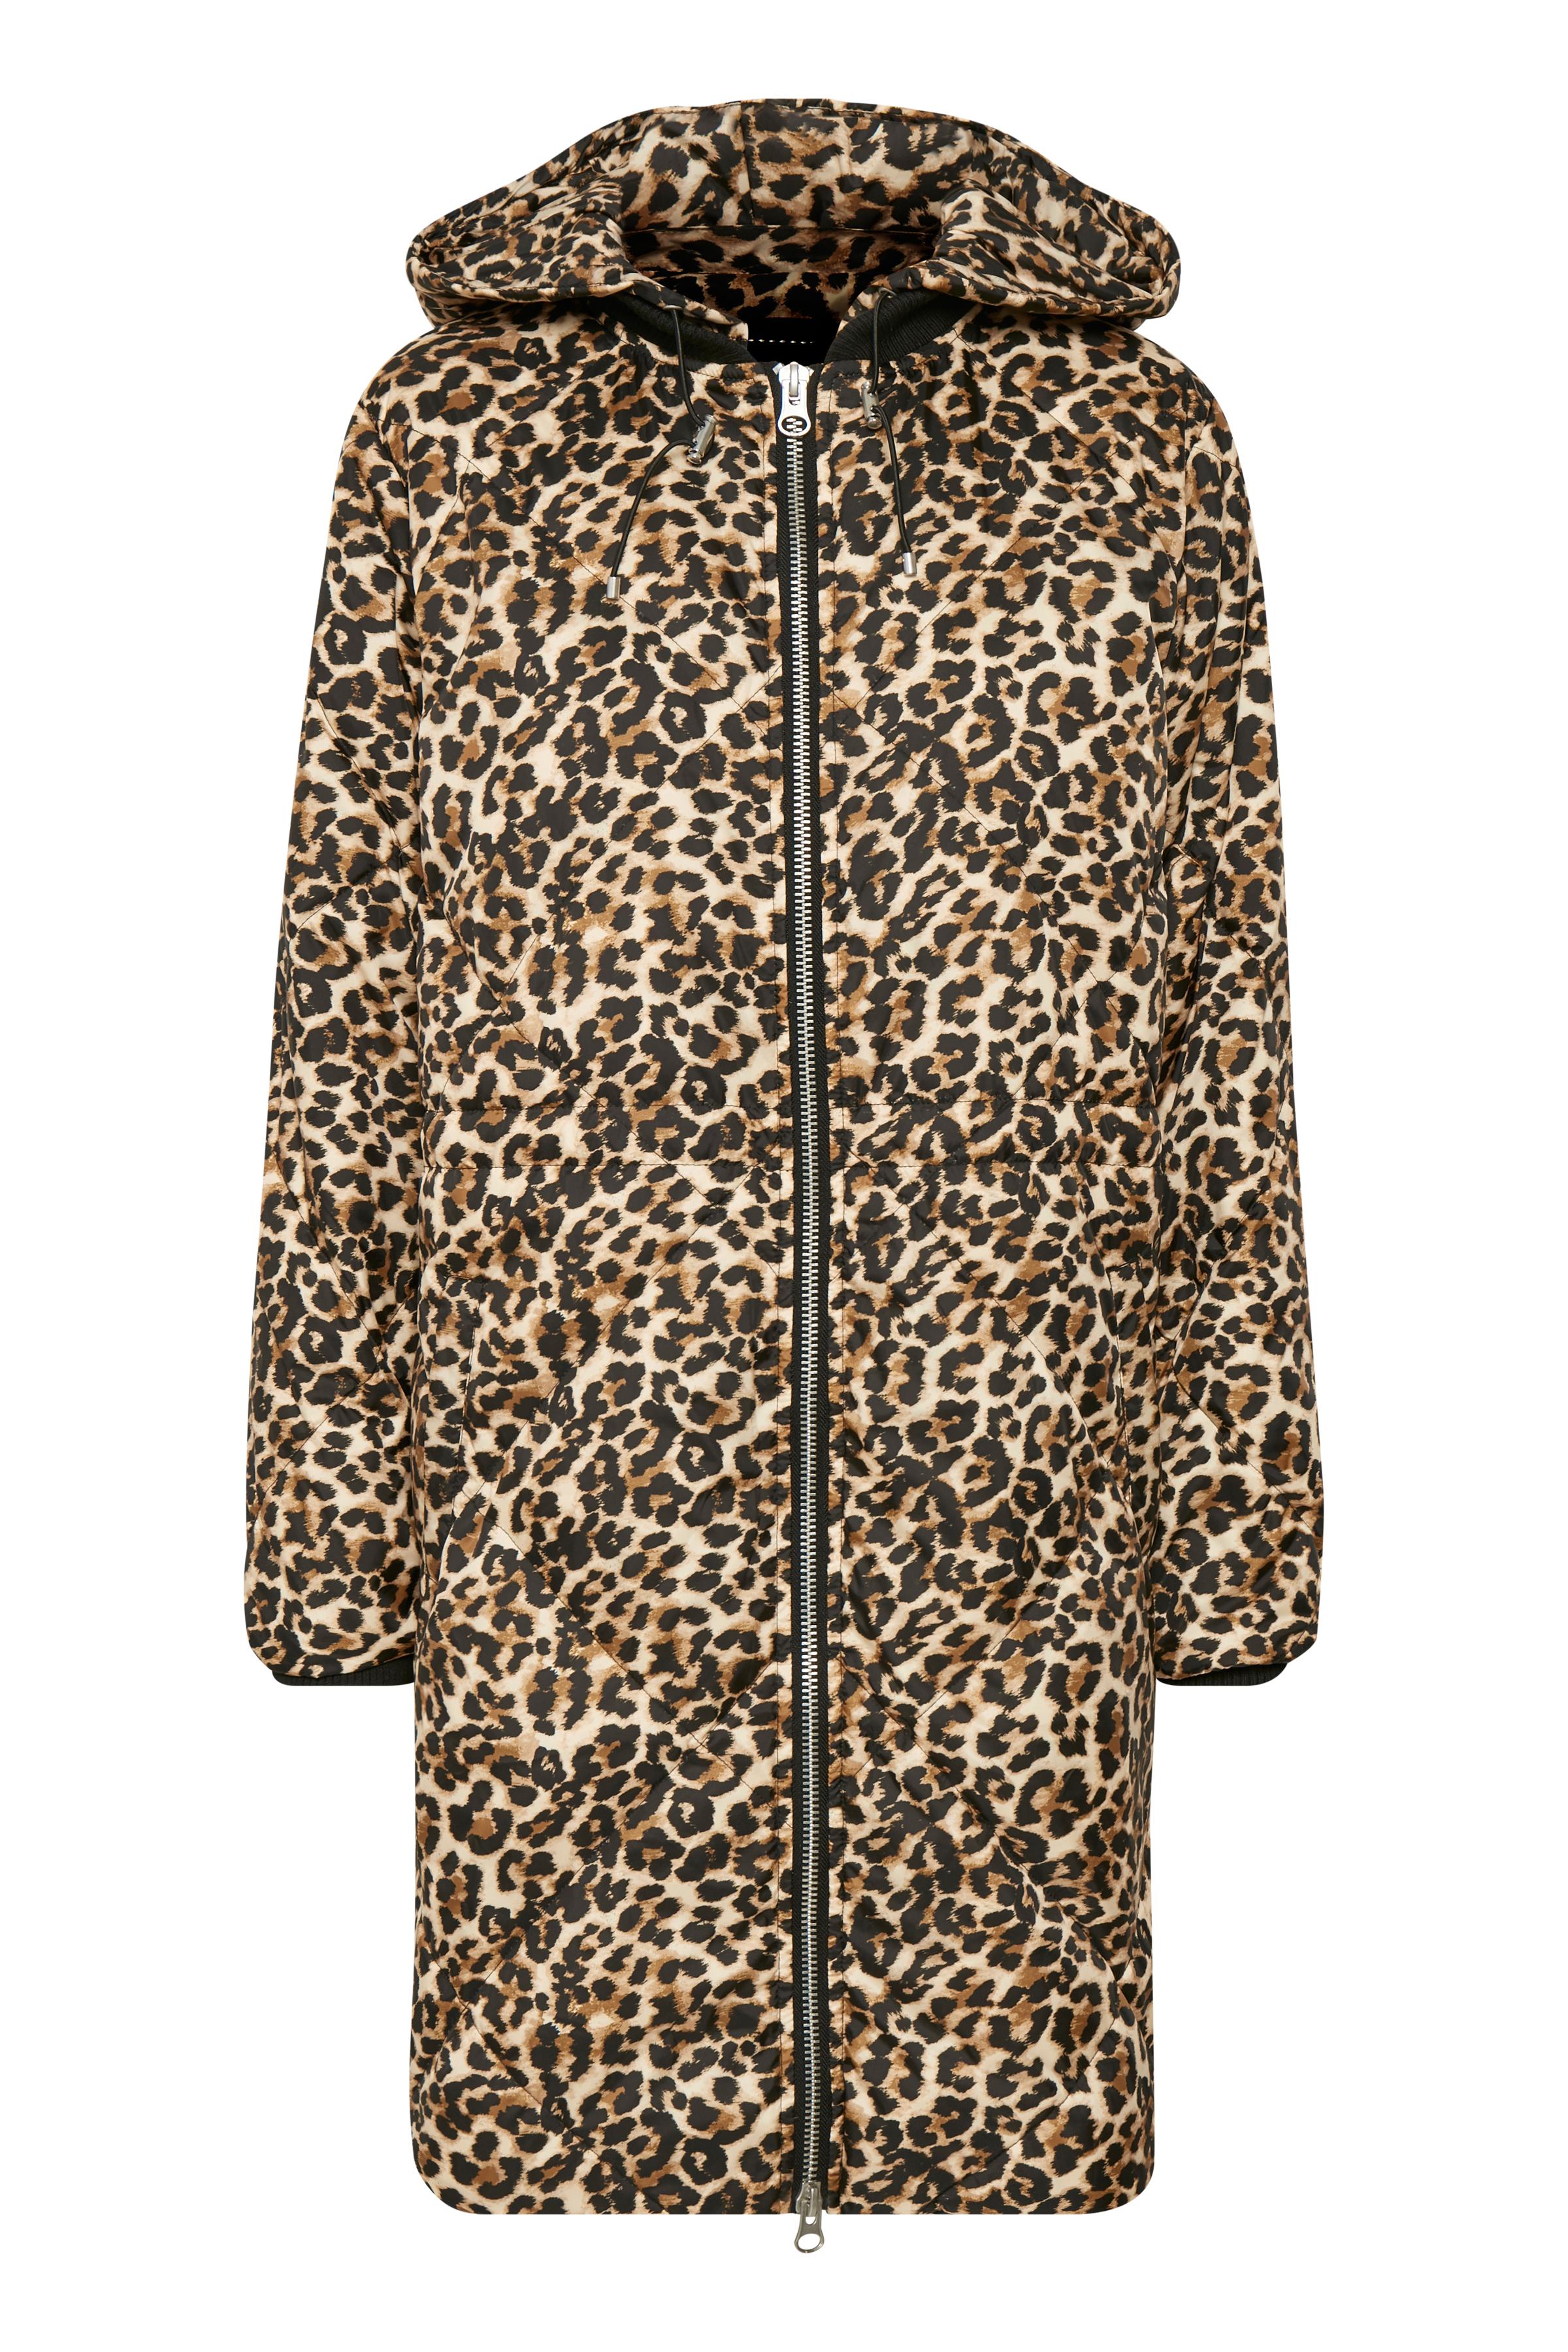 Leopard Overtøj – Køb Leopard Overtøj fra str. 32-40 her